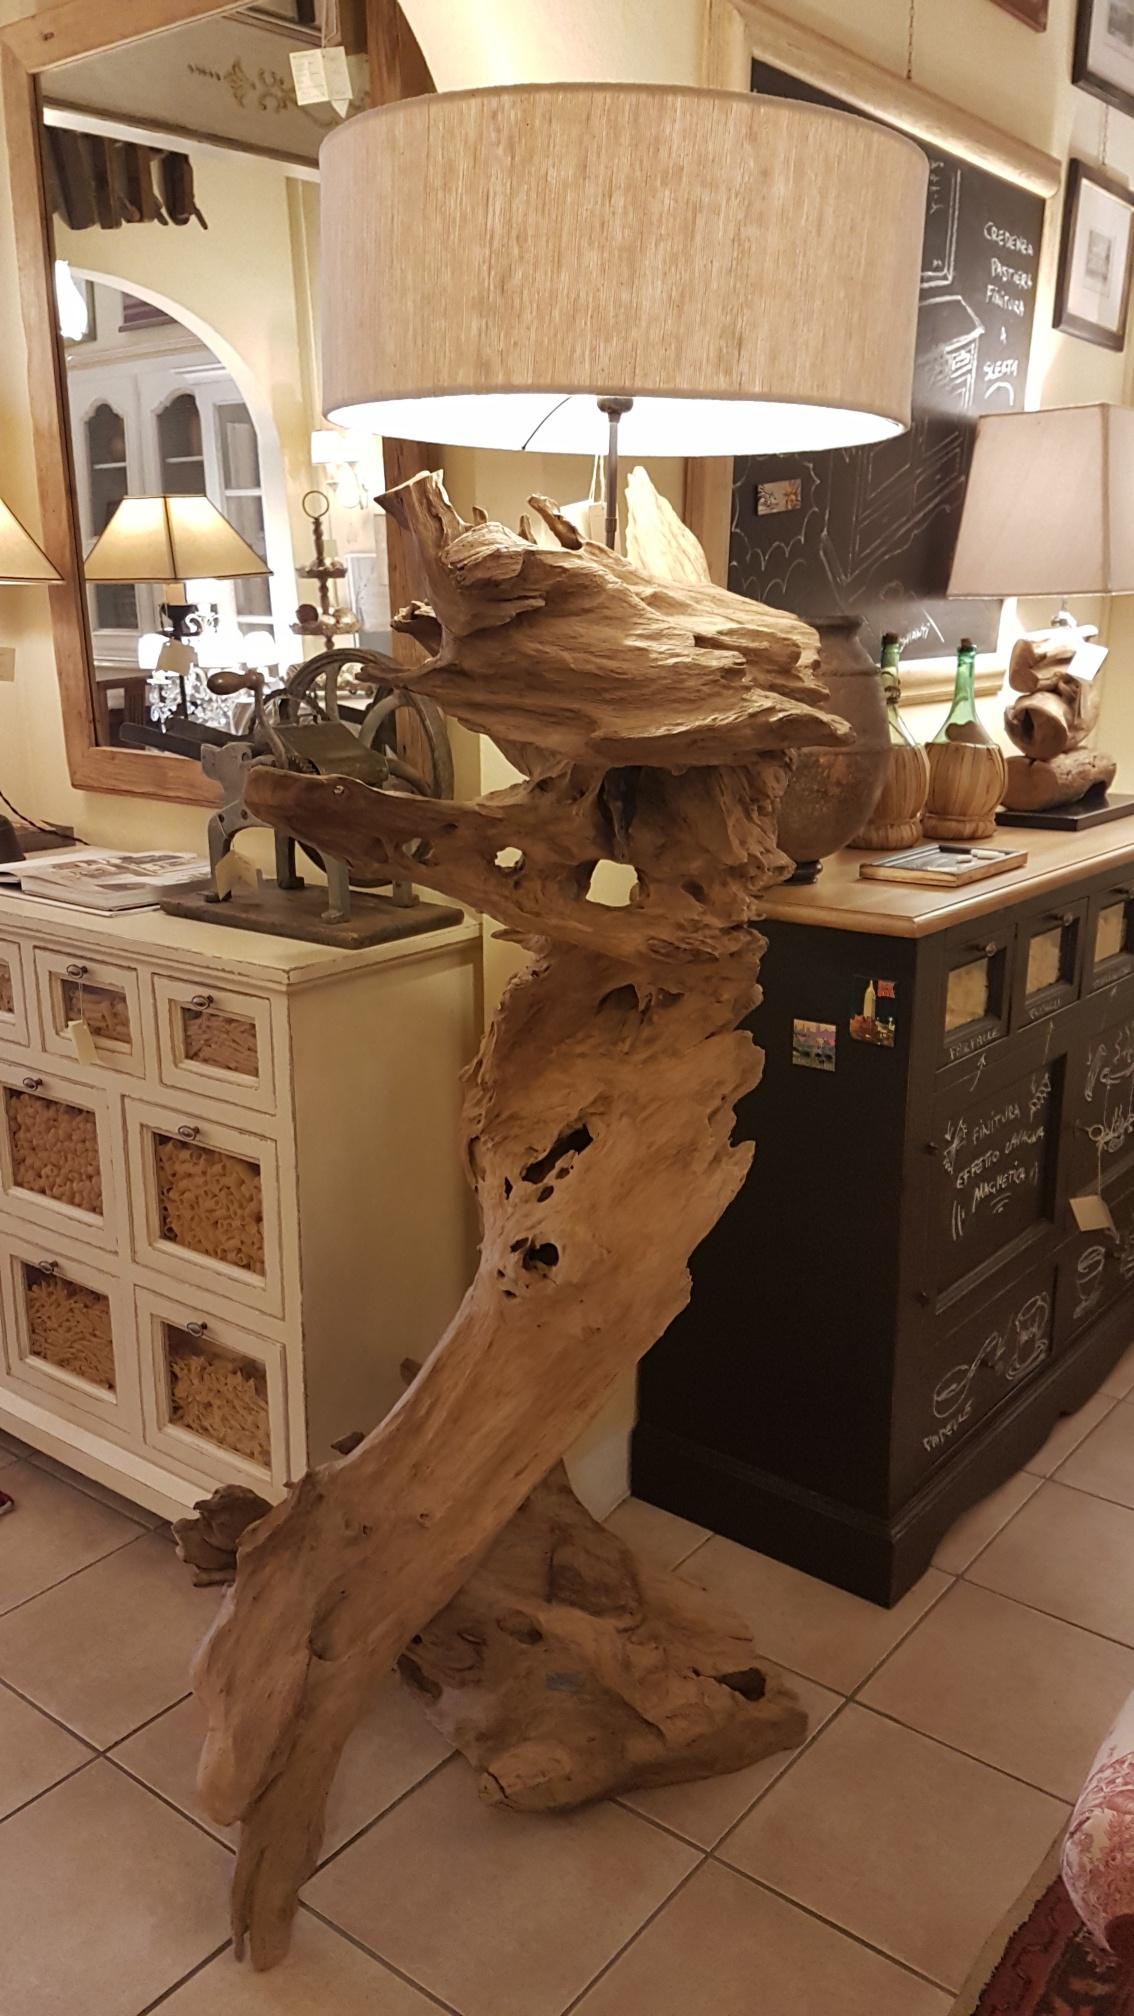 Lampada Root Nature Design in legno antico spazzolato con radici di mangrovie. Arredamento contemporaneo su misura Siena e Firenze